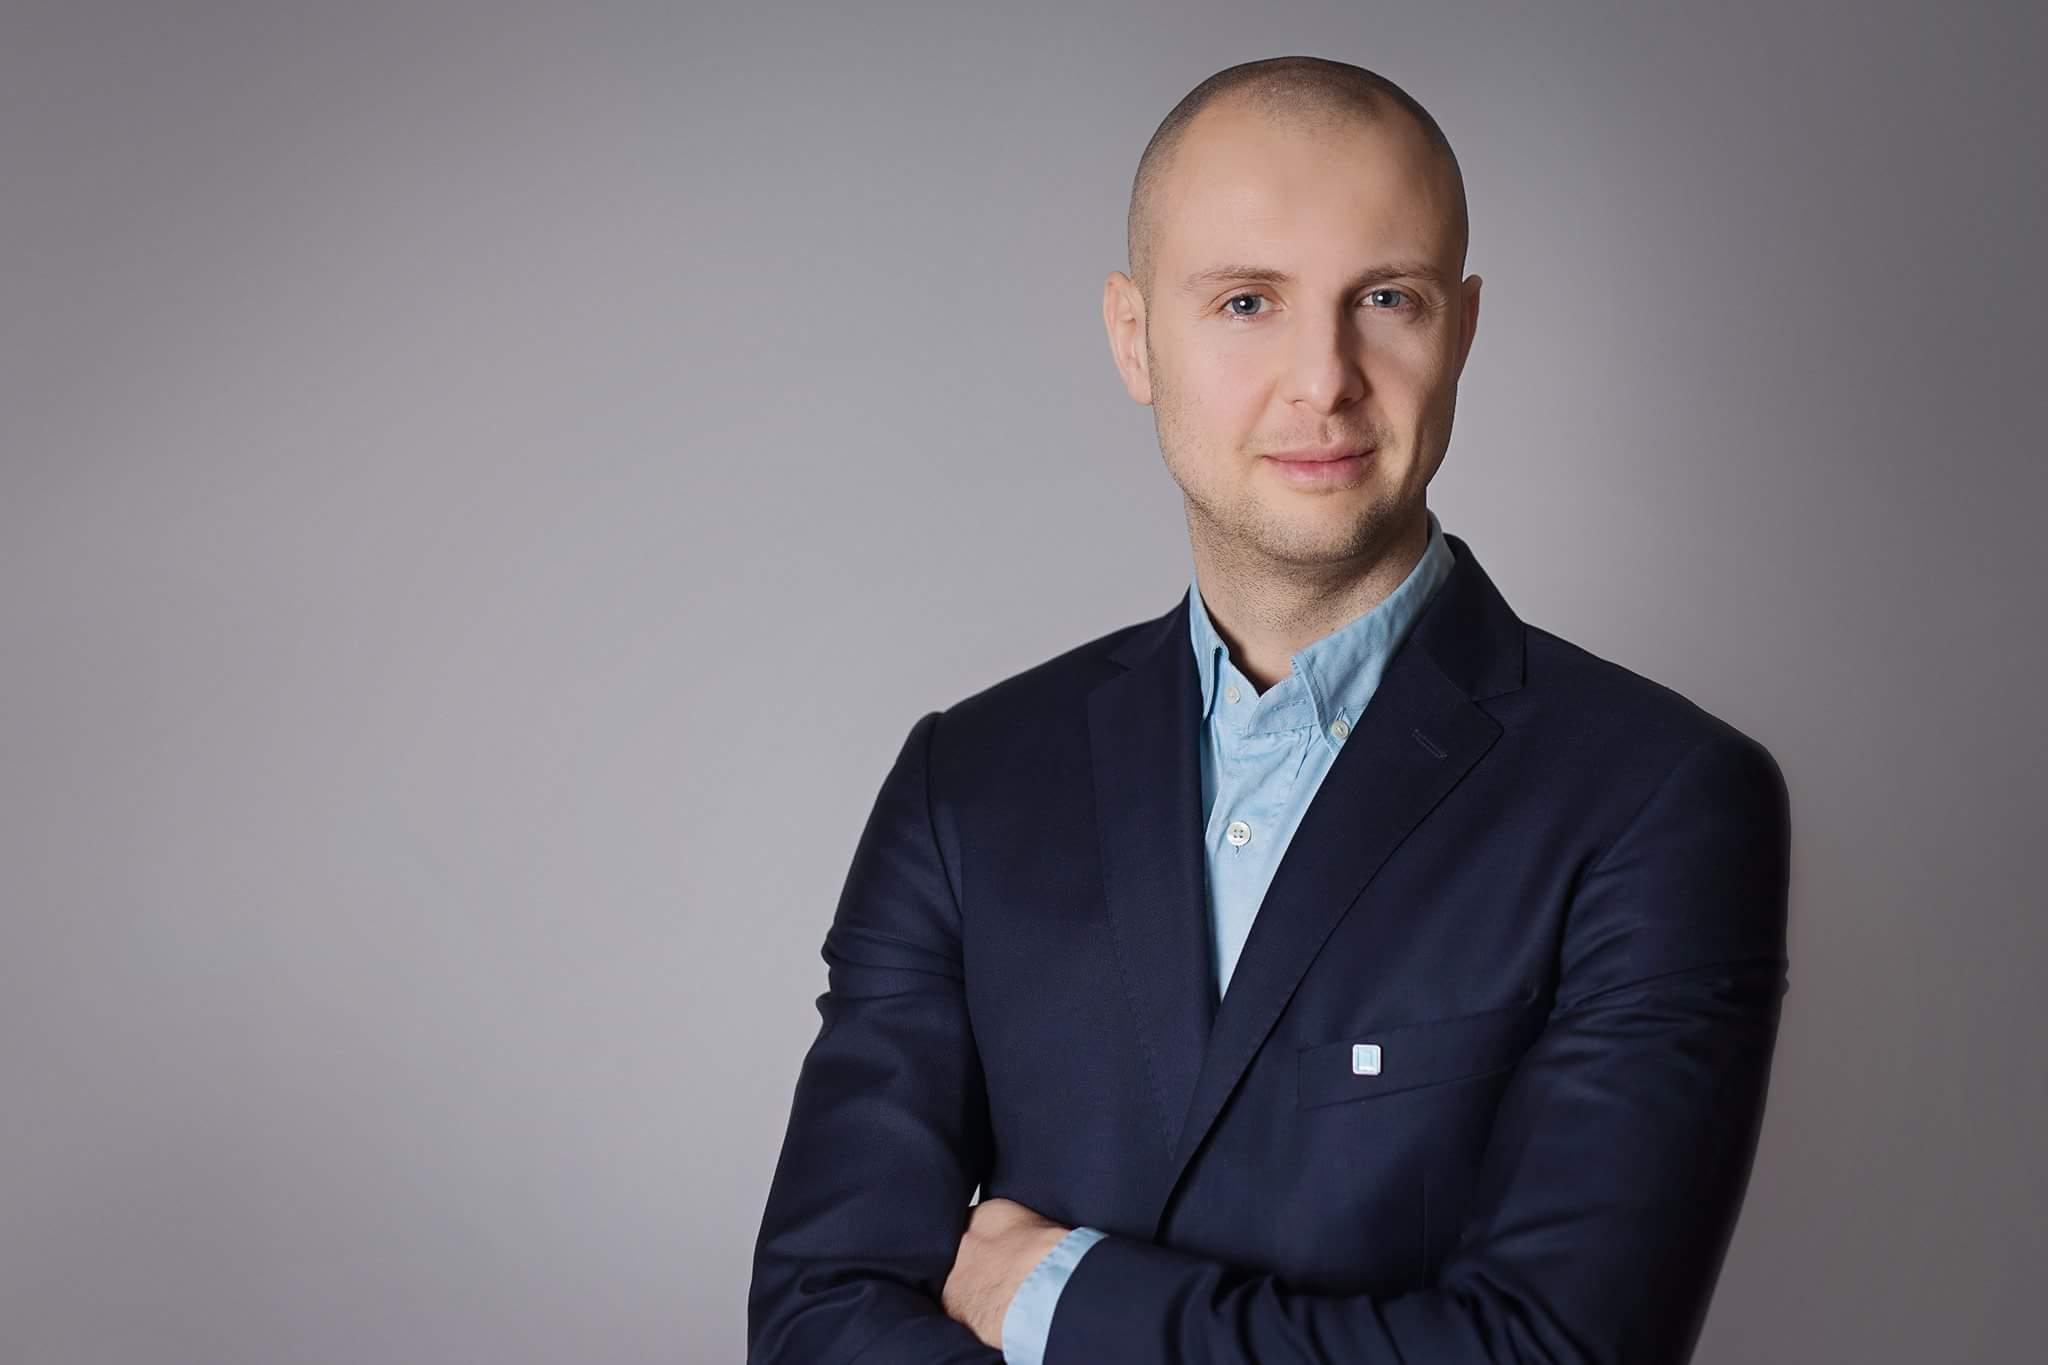 Paweł Wasiewicz